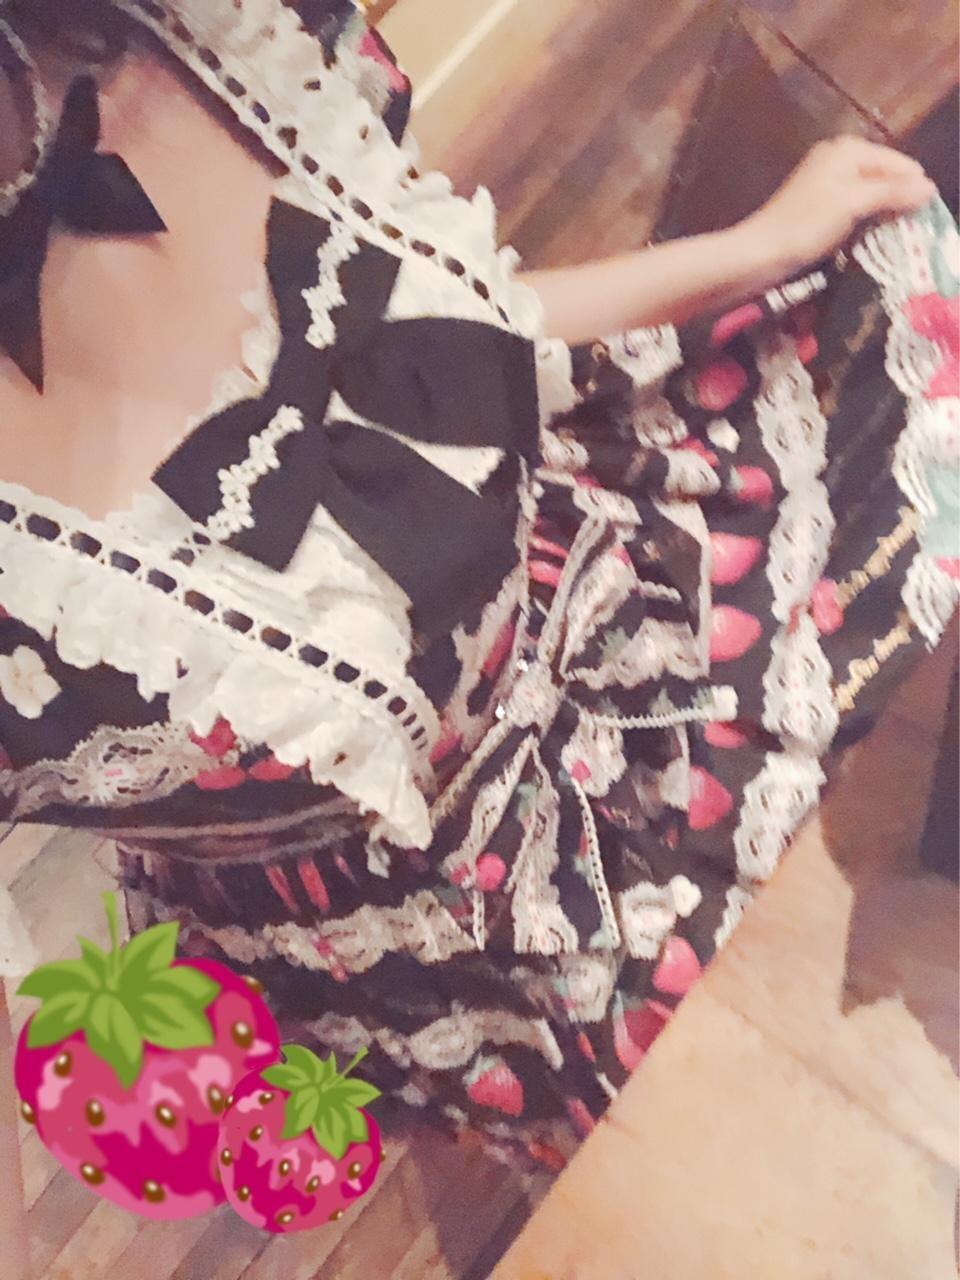 「ロリィタ着たからみて!」06/18(06/18) 22:16 | なつなの写メ・風俗動画